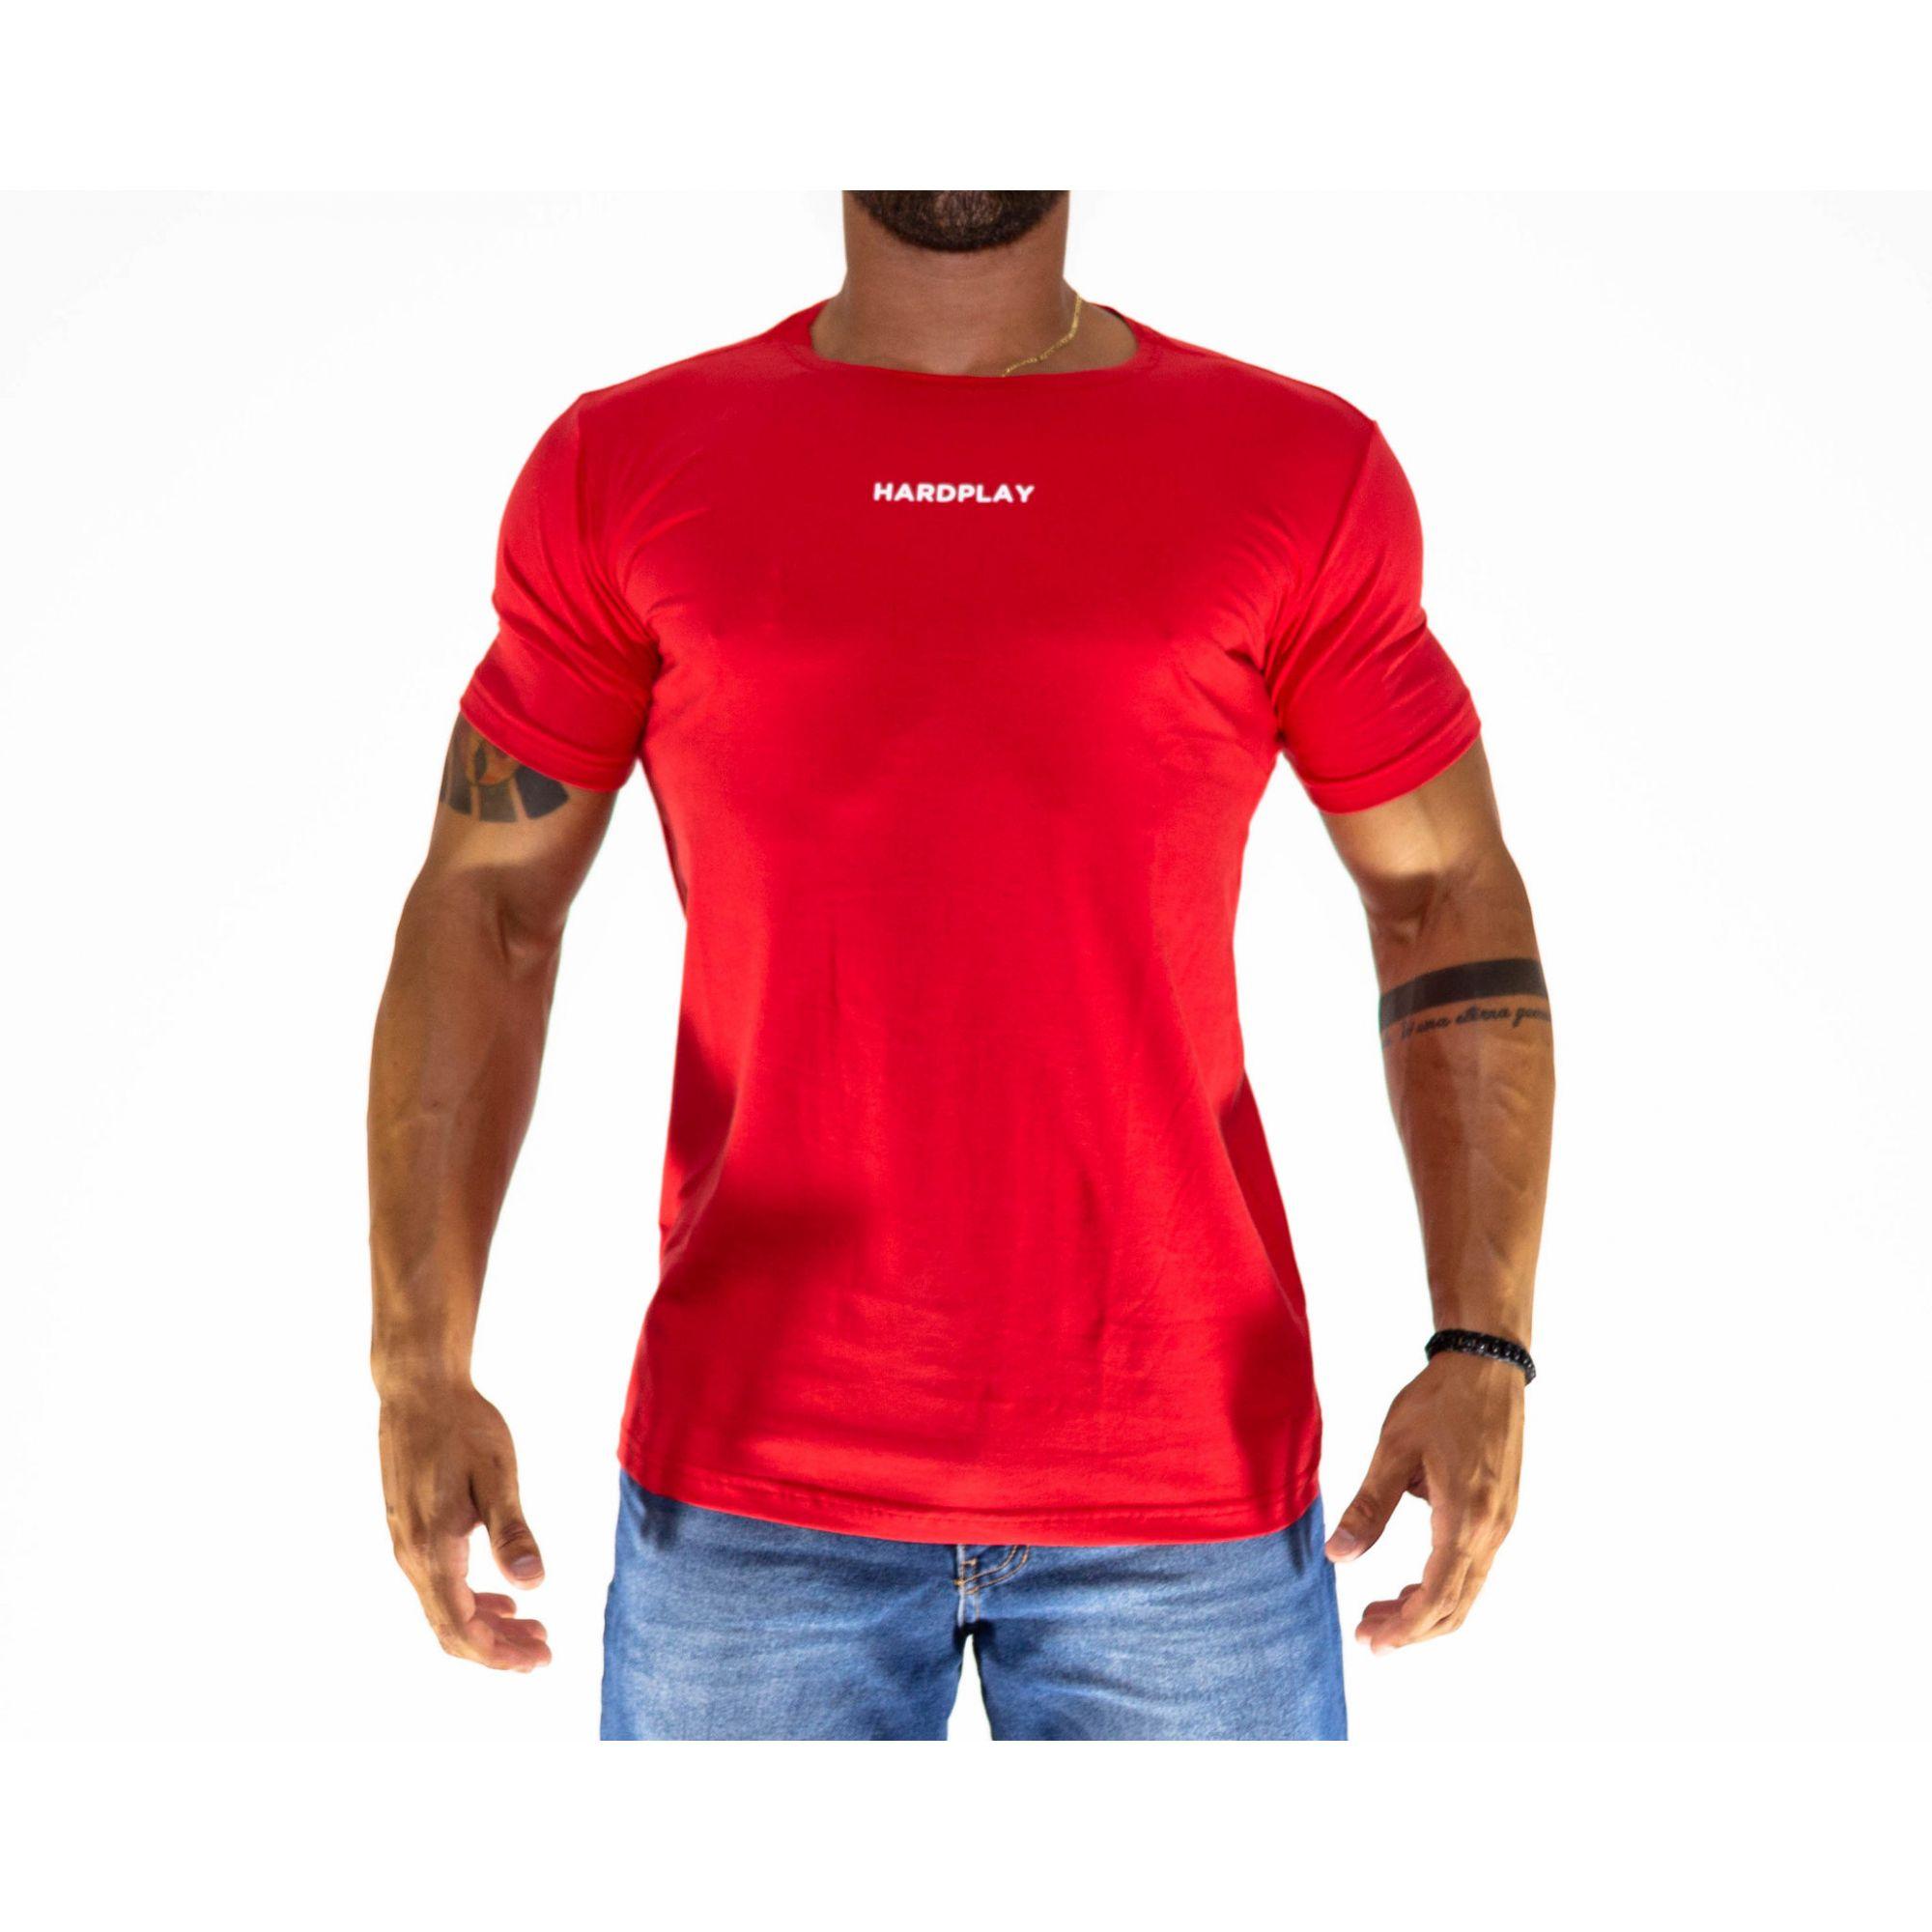 Camiseta HardPlay Basica Vermelha